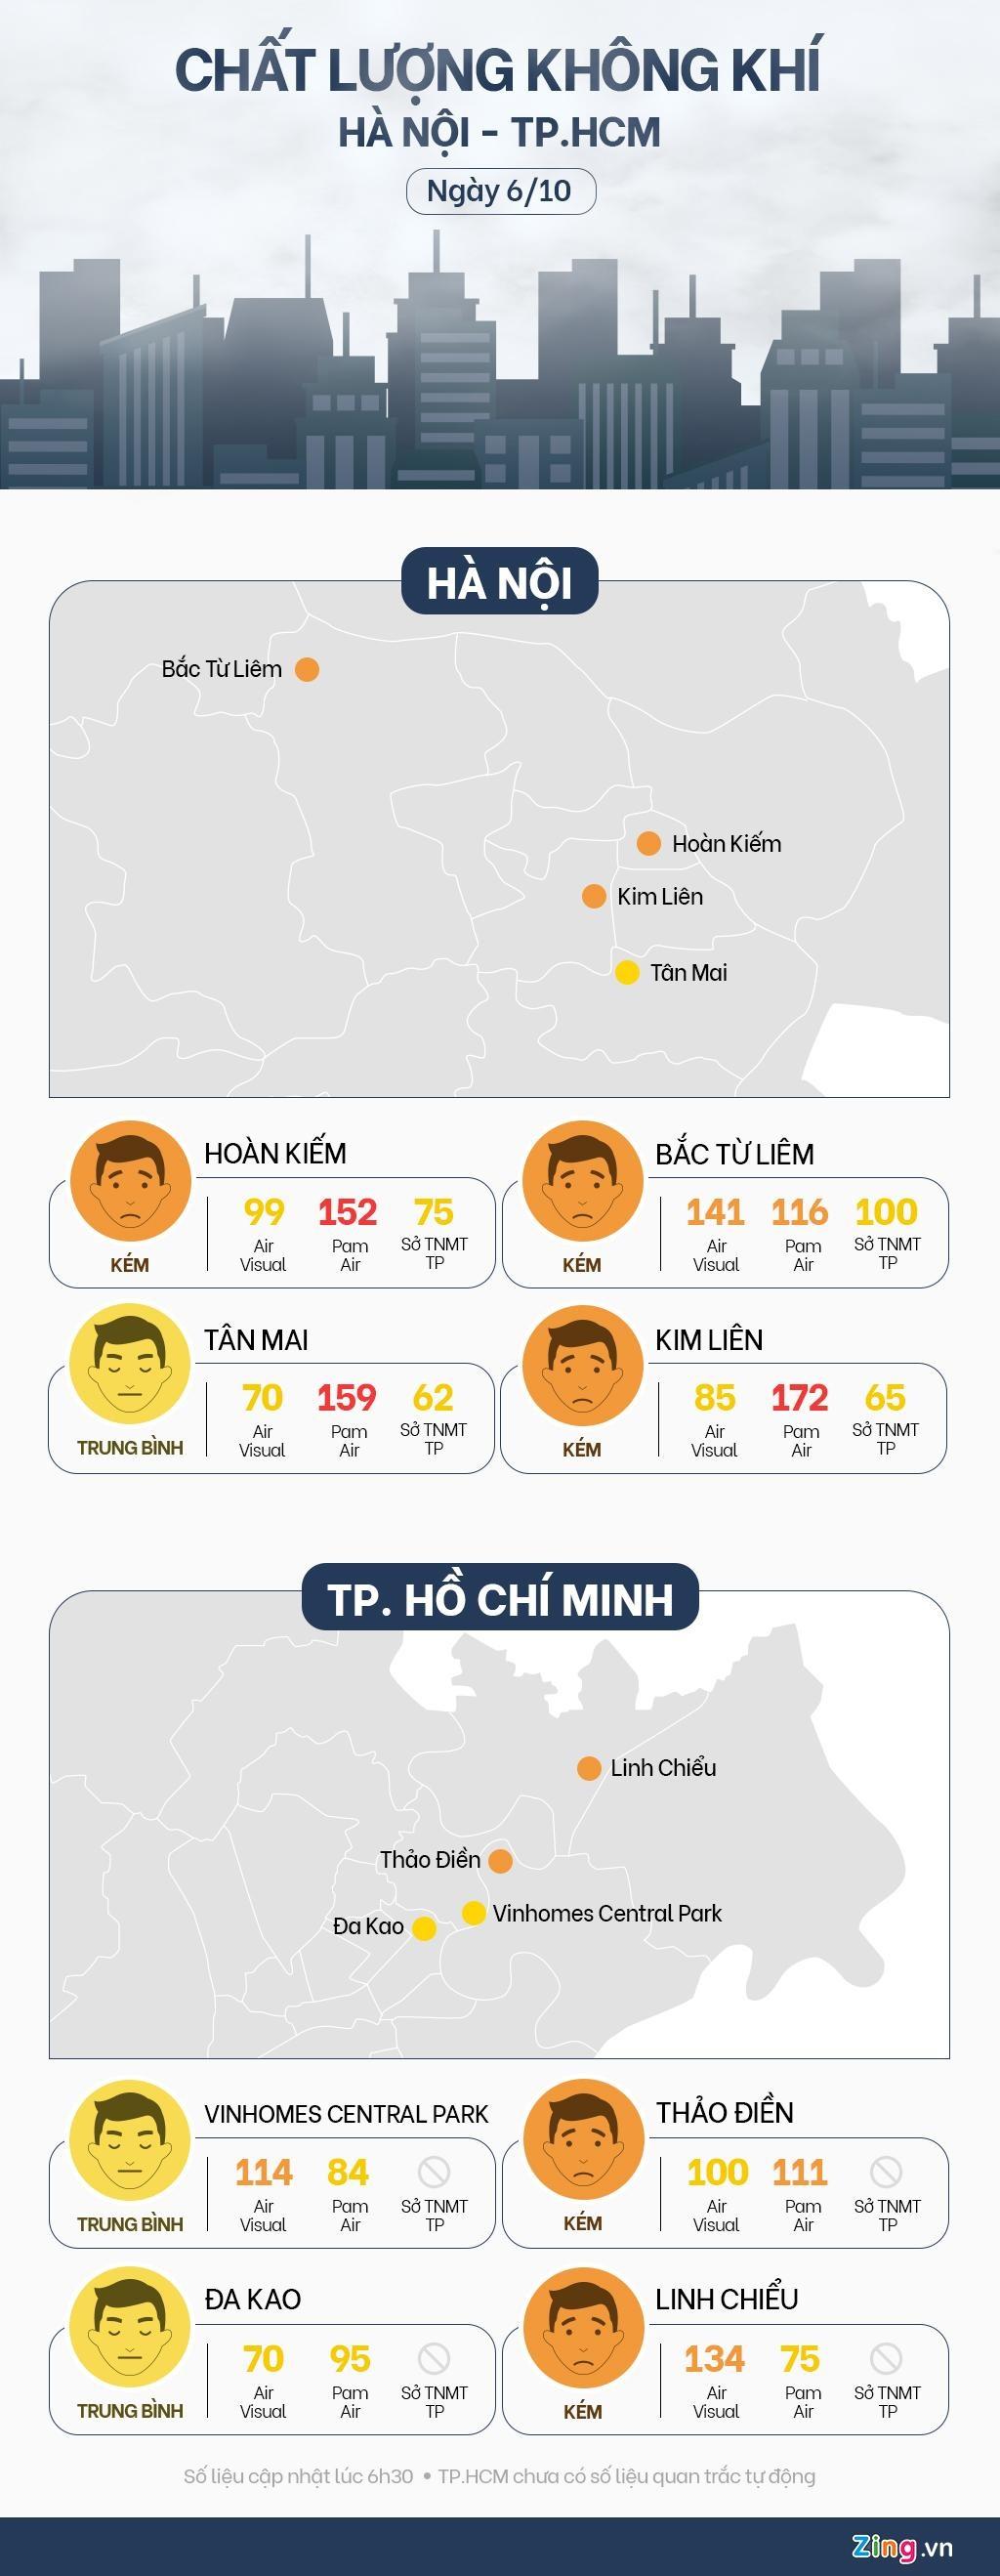 Sang 6/10: Pam Air canh bao khong khi HN, TP.HCM cao tren Air Visual hinh anh 1